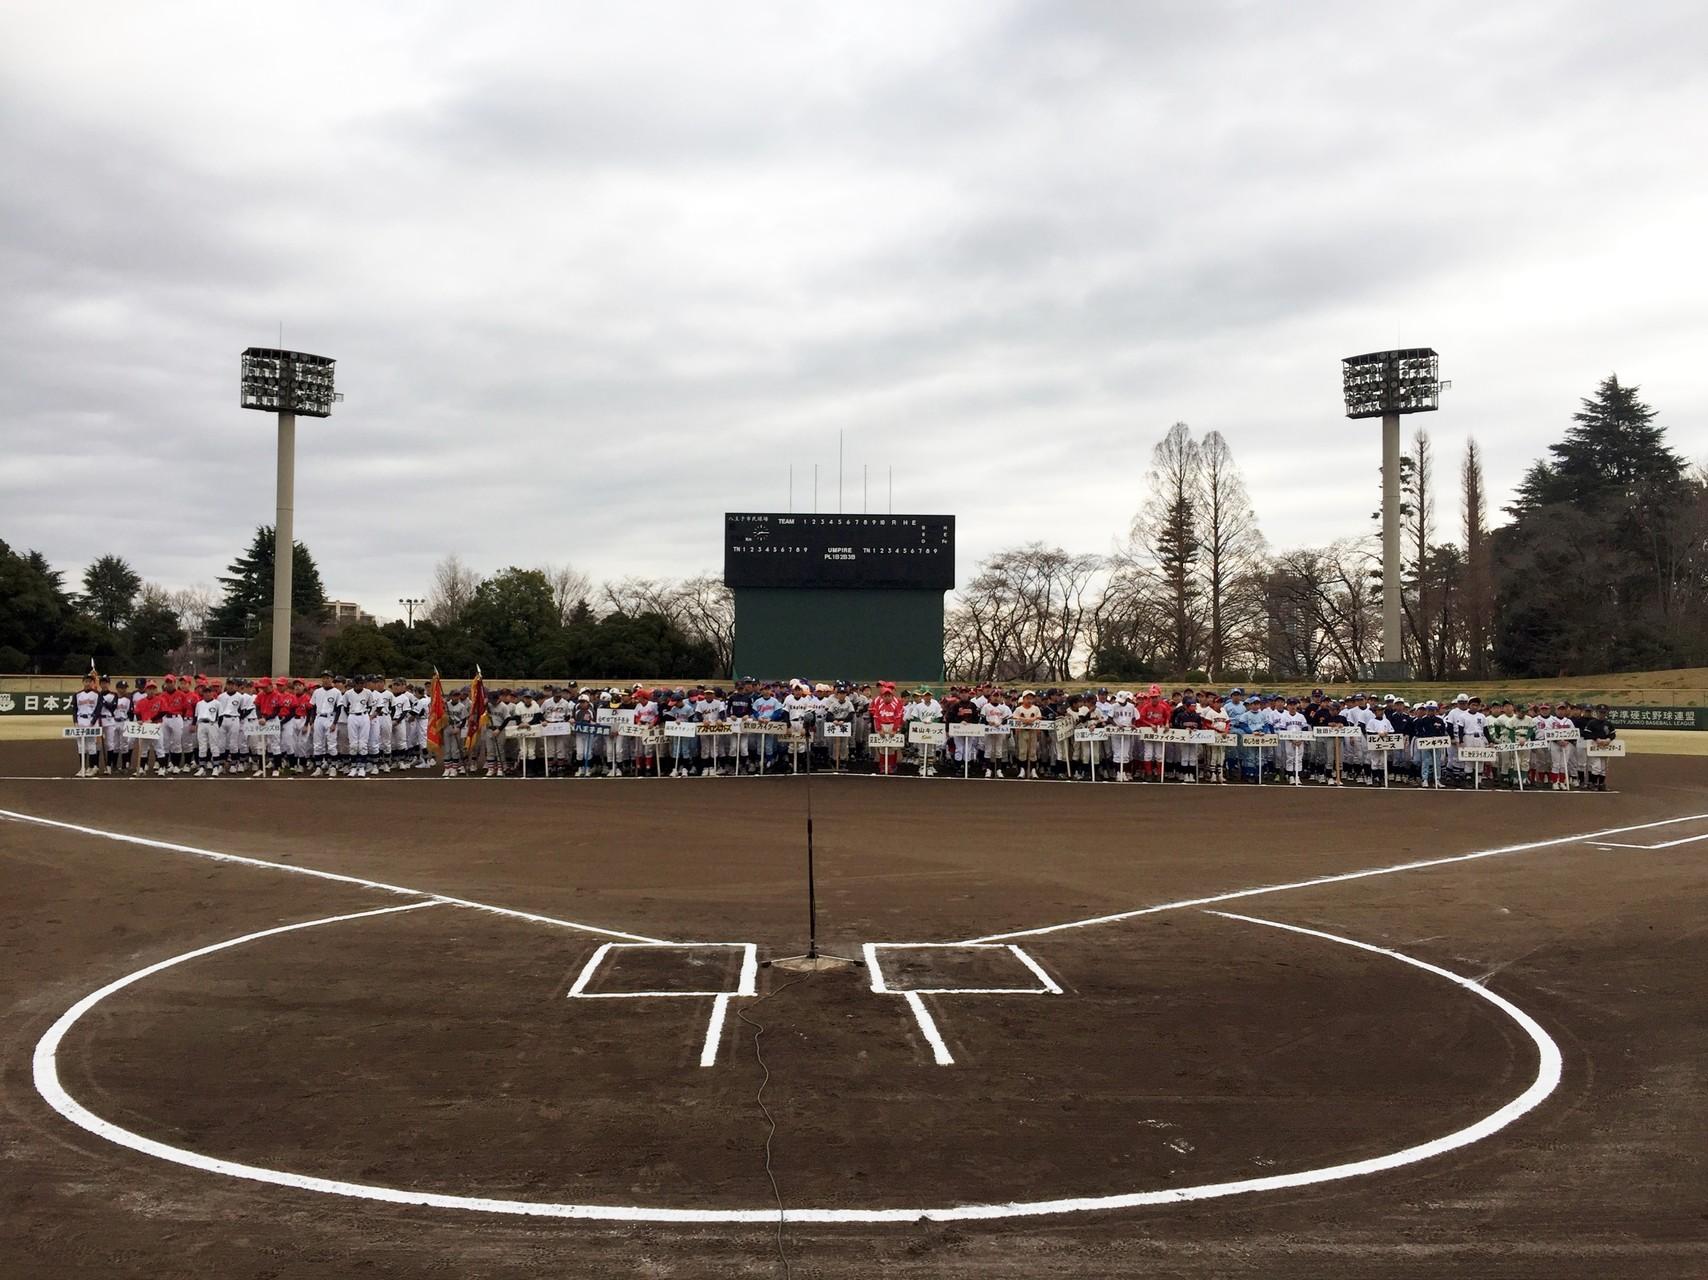 第41回 八王子市少年軟式野球春季大会 開会式  H28.3.27(日) 八王子市民球場